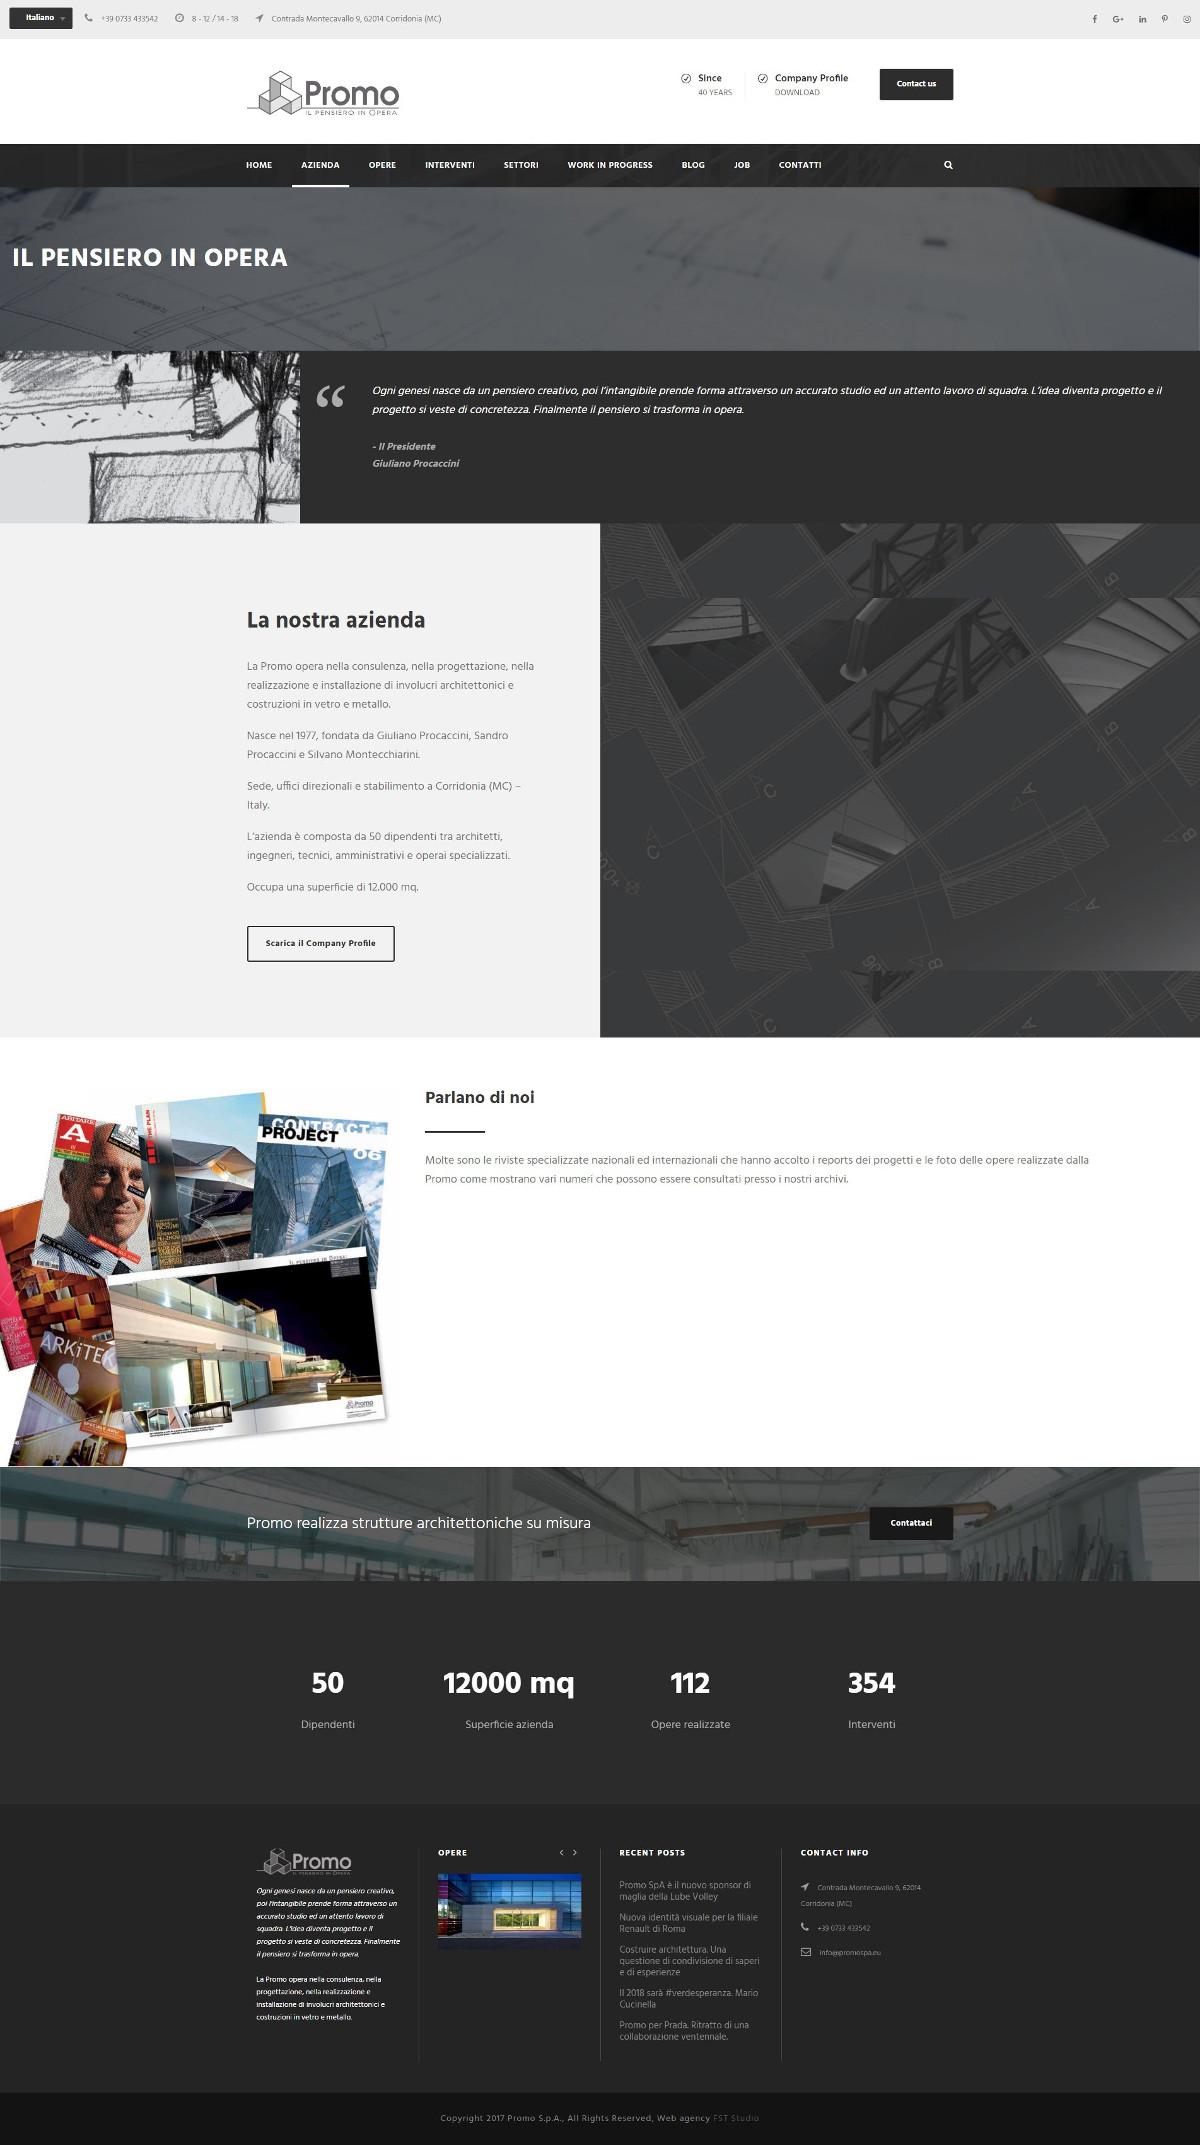 screenshot_promo_azienda_articolo_portfolio_fst1200